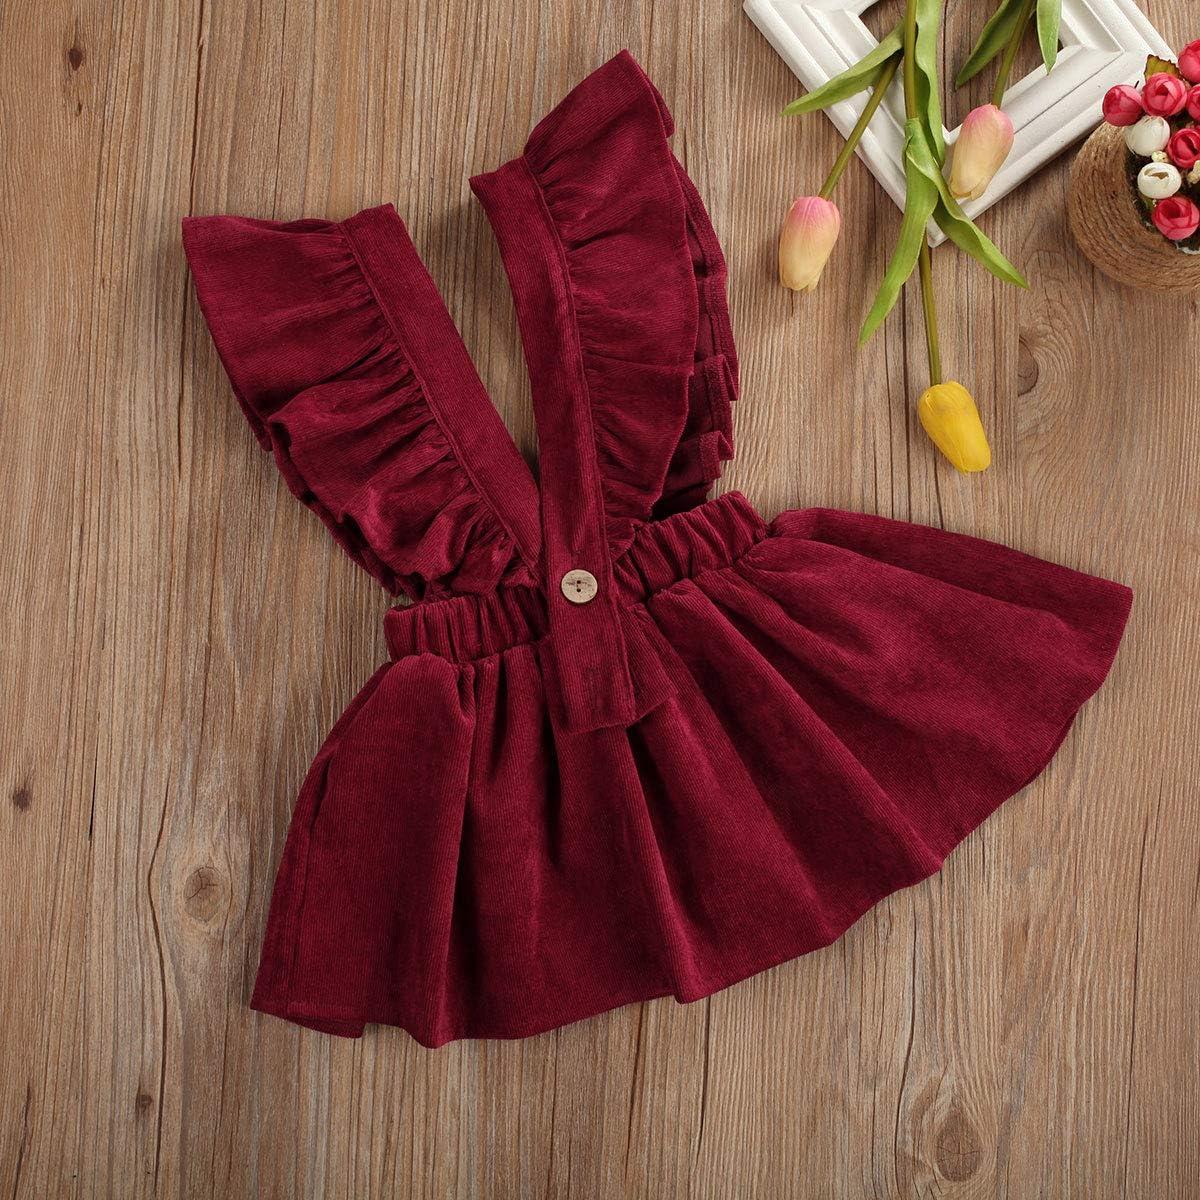 Toddler Baby Girls Strap Suspender Skirt Overalls Tutu Skirts Casual Infant Baby Dress Sundress